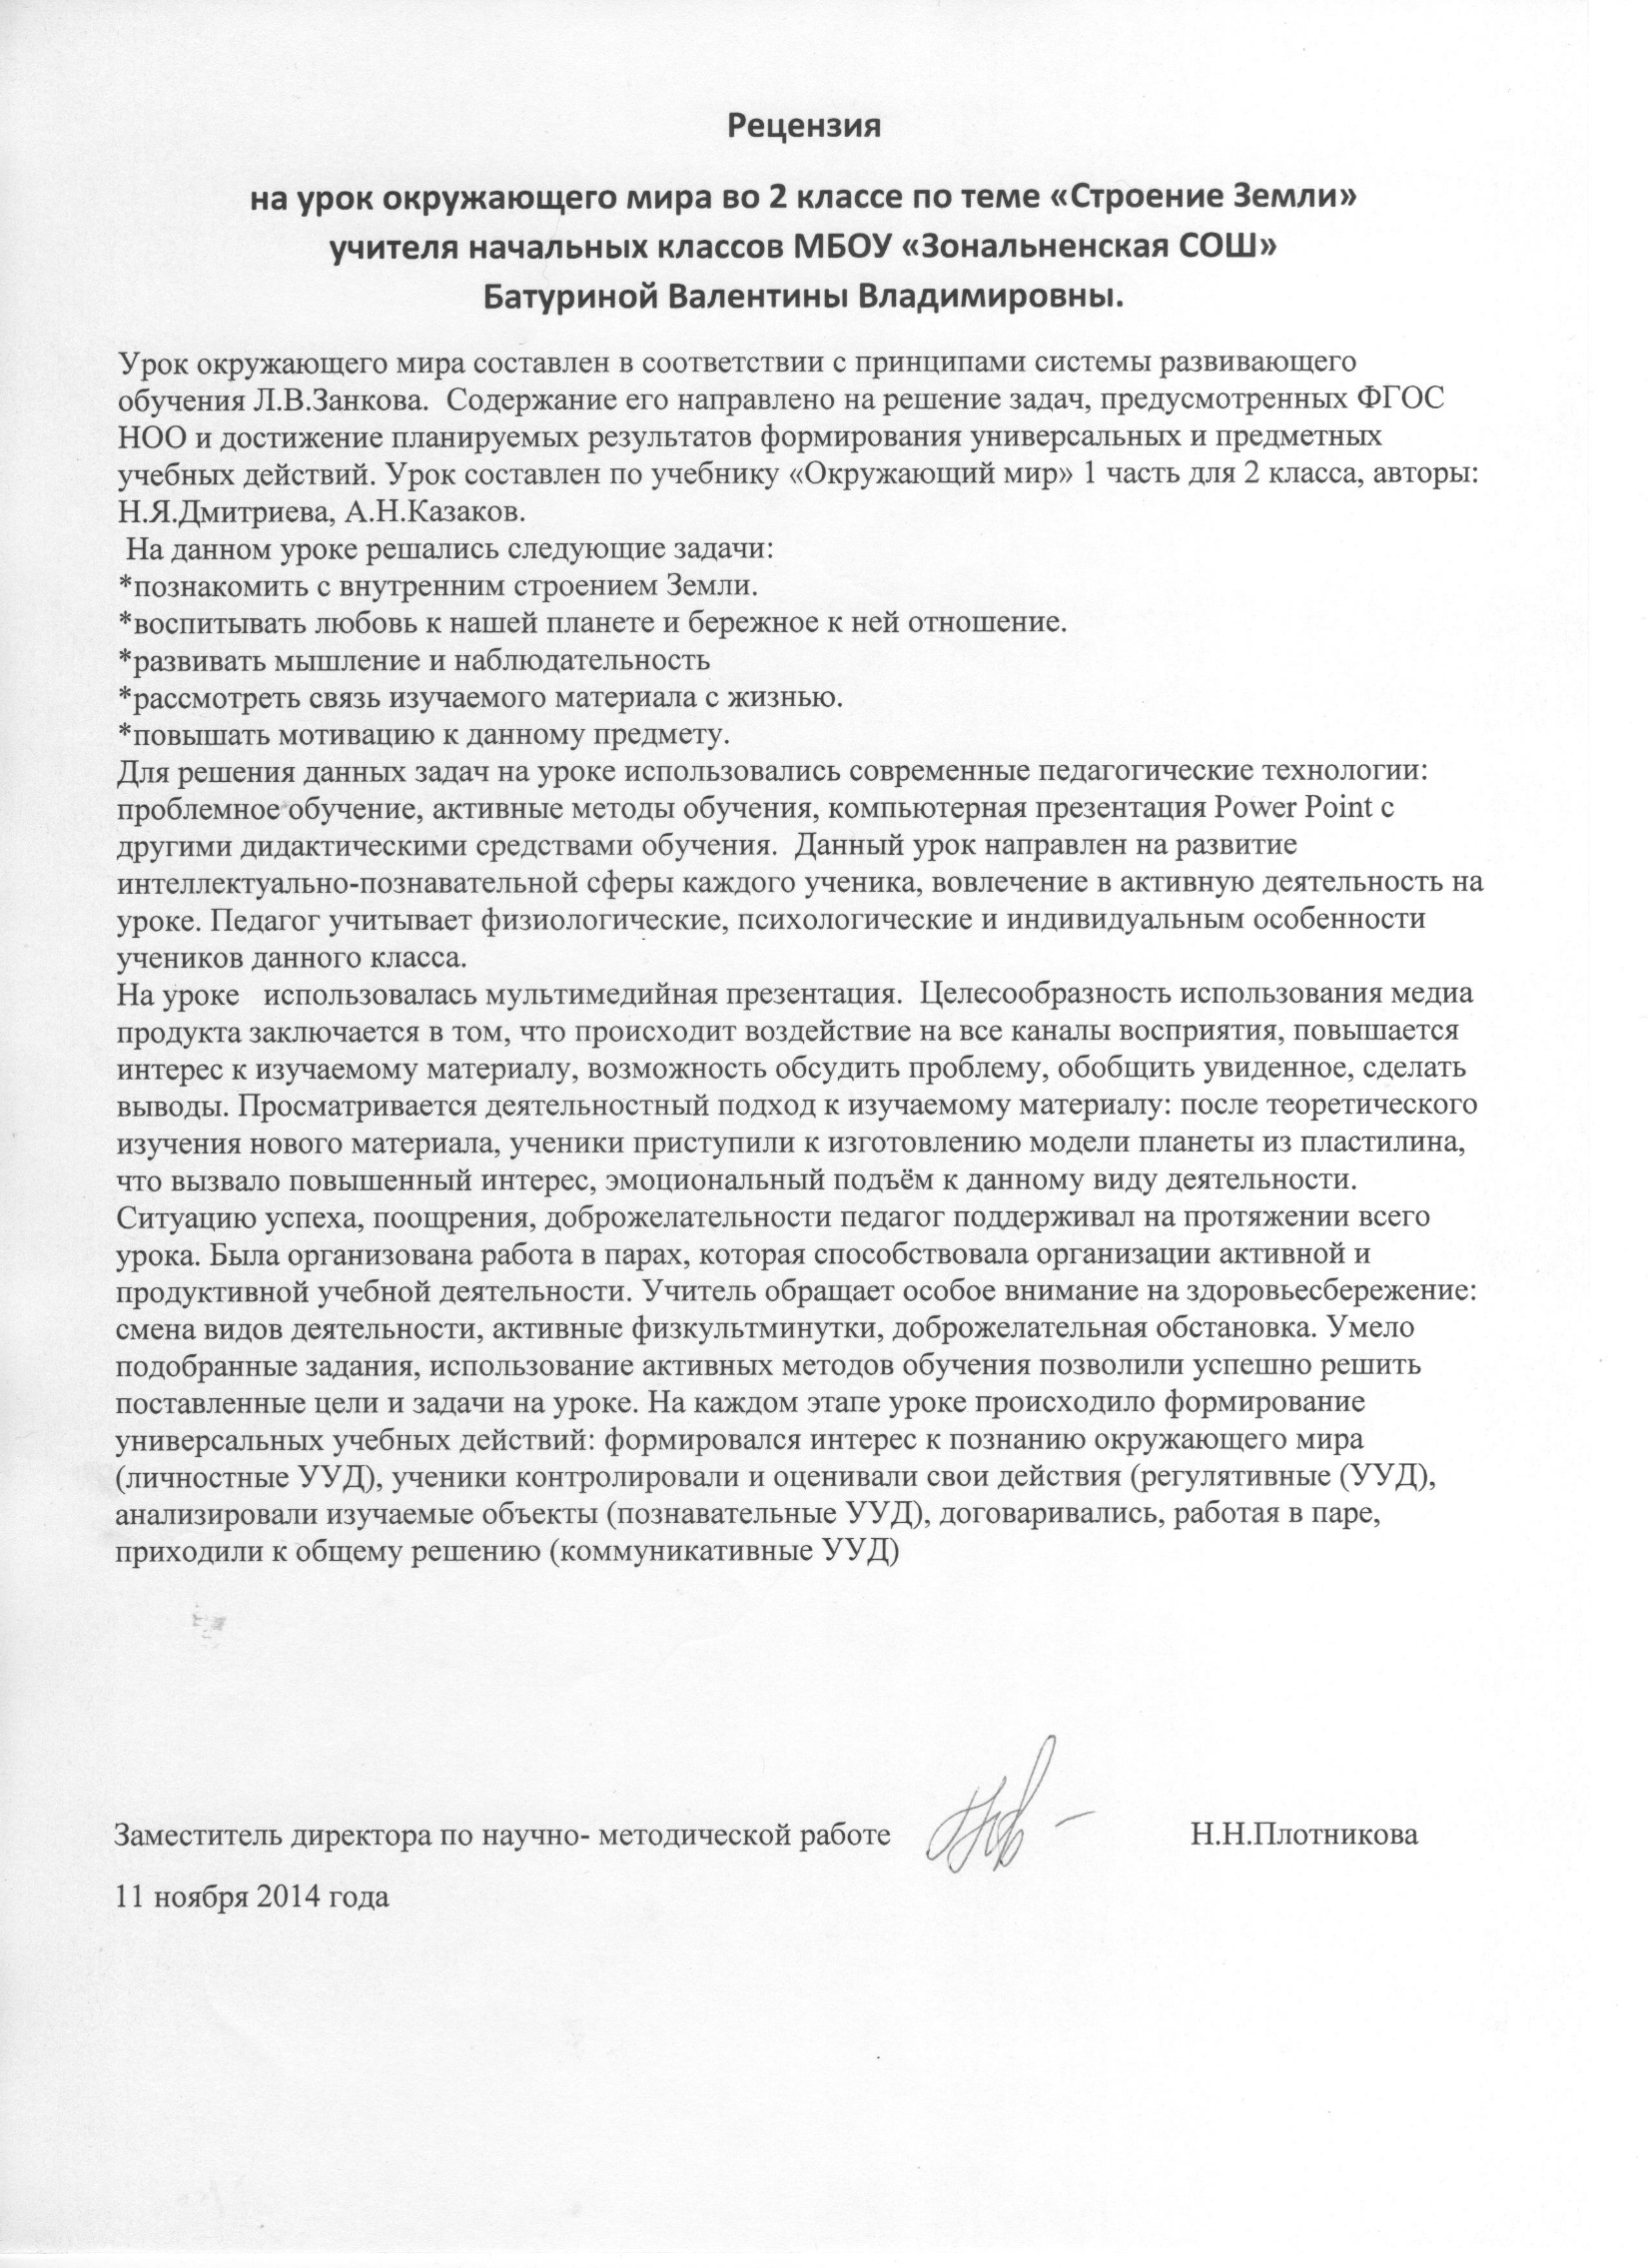 C:\Users\Владелец\Desktop\мои документы\Батурина В.В. Мой лучший урок\рецензия.jpg